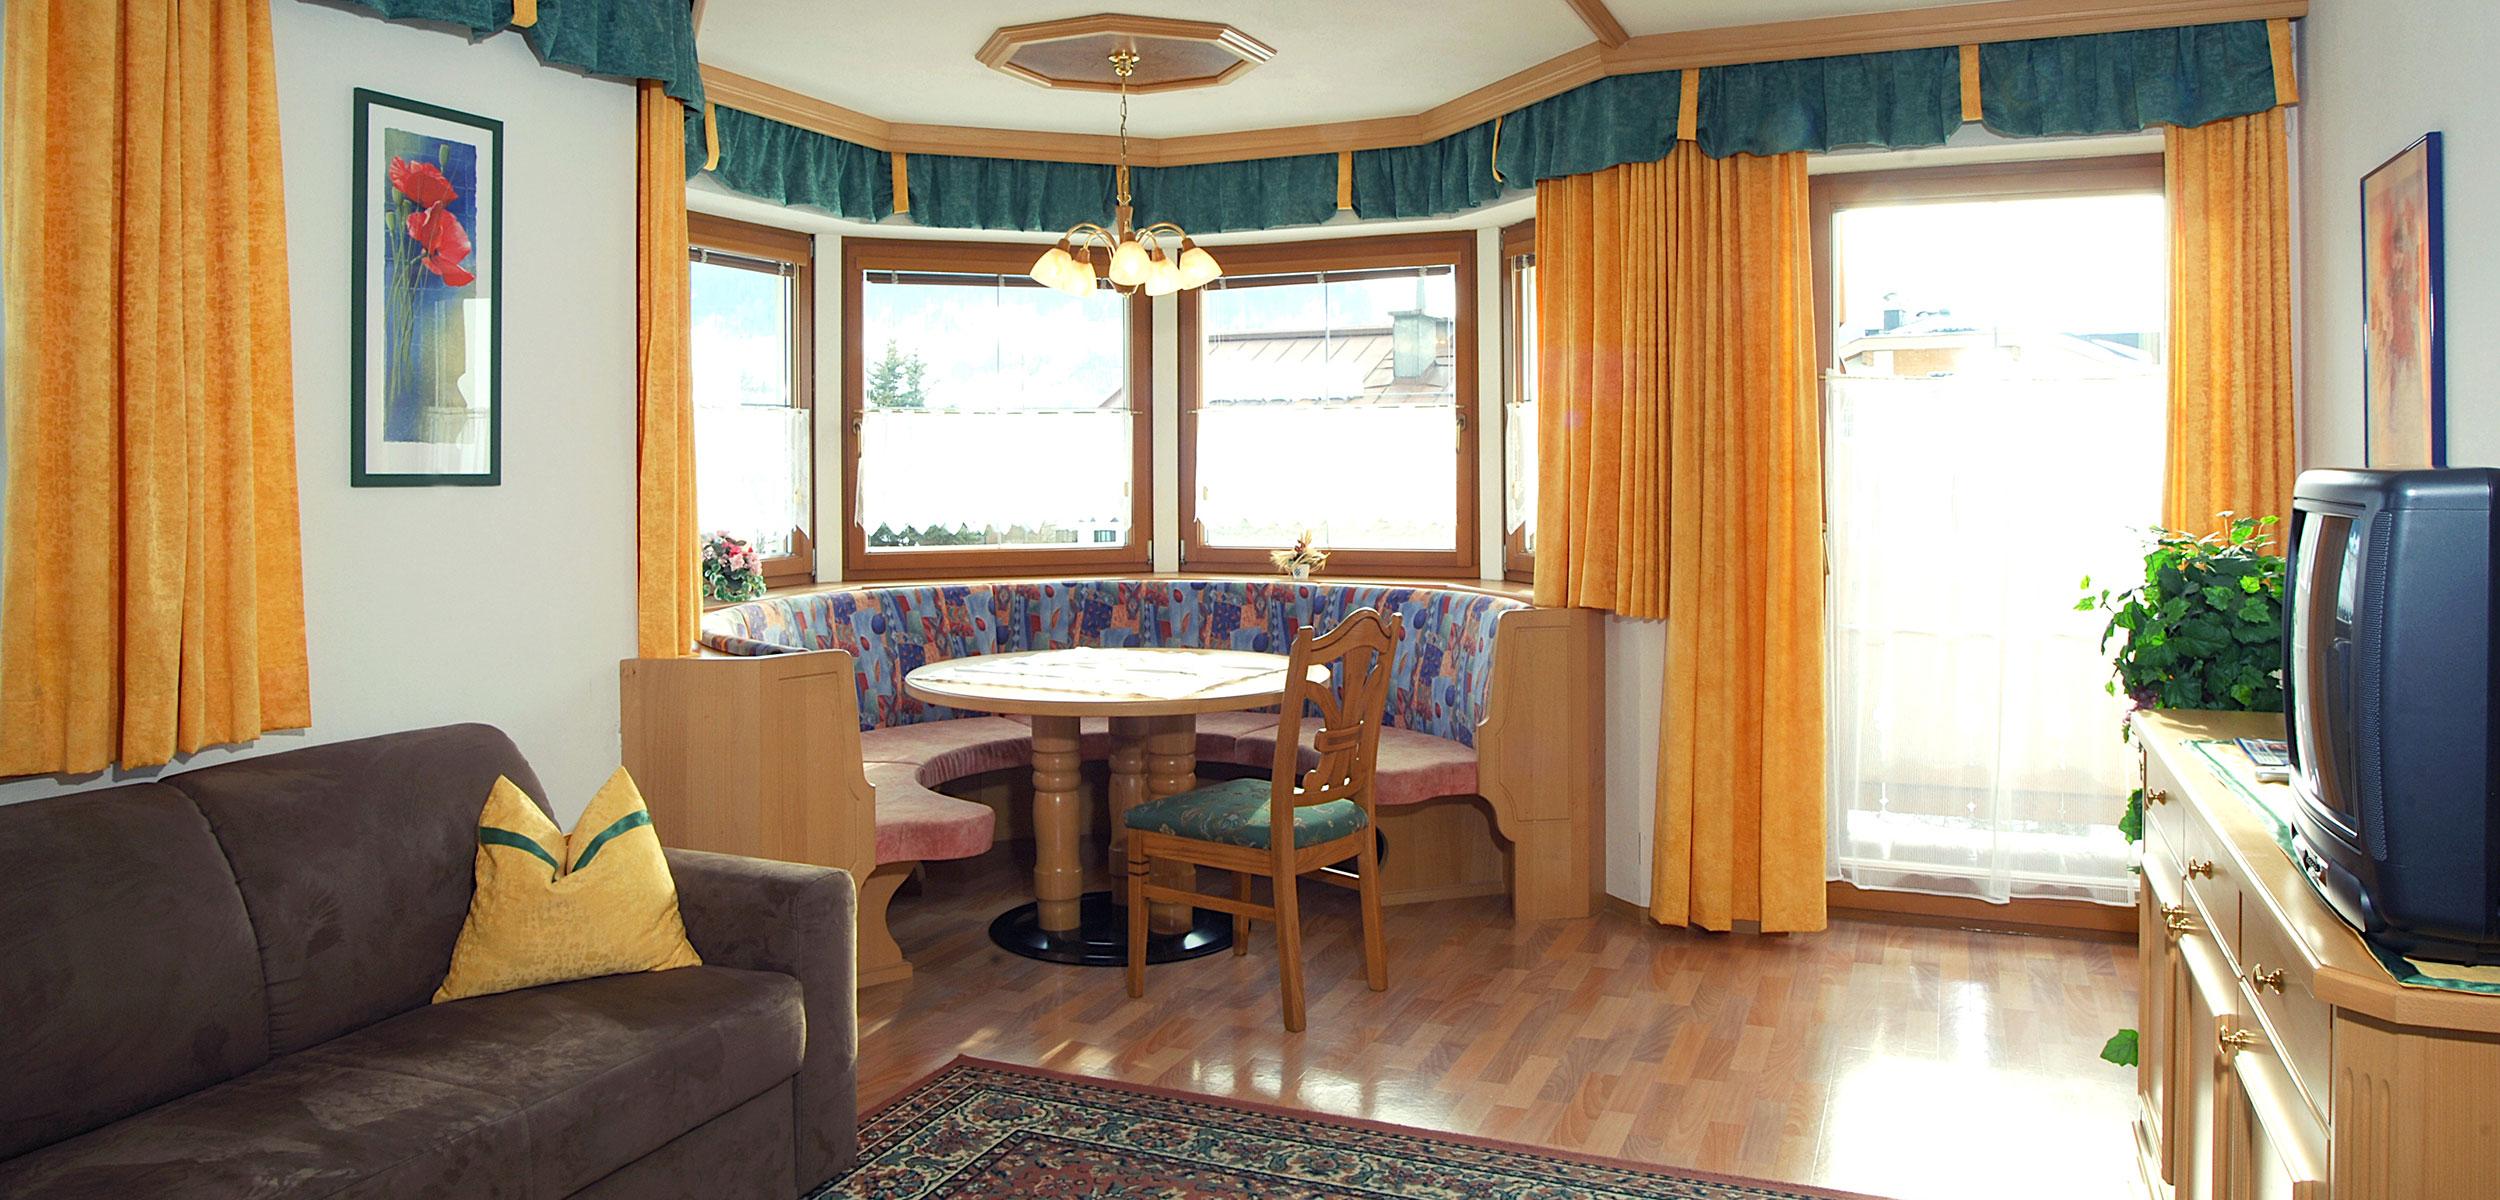 Pension Appartement Wohnraum